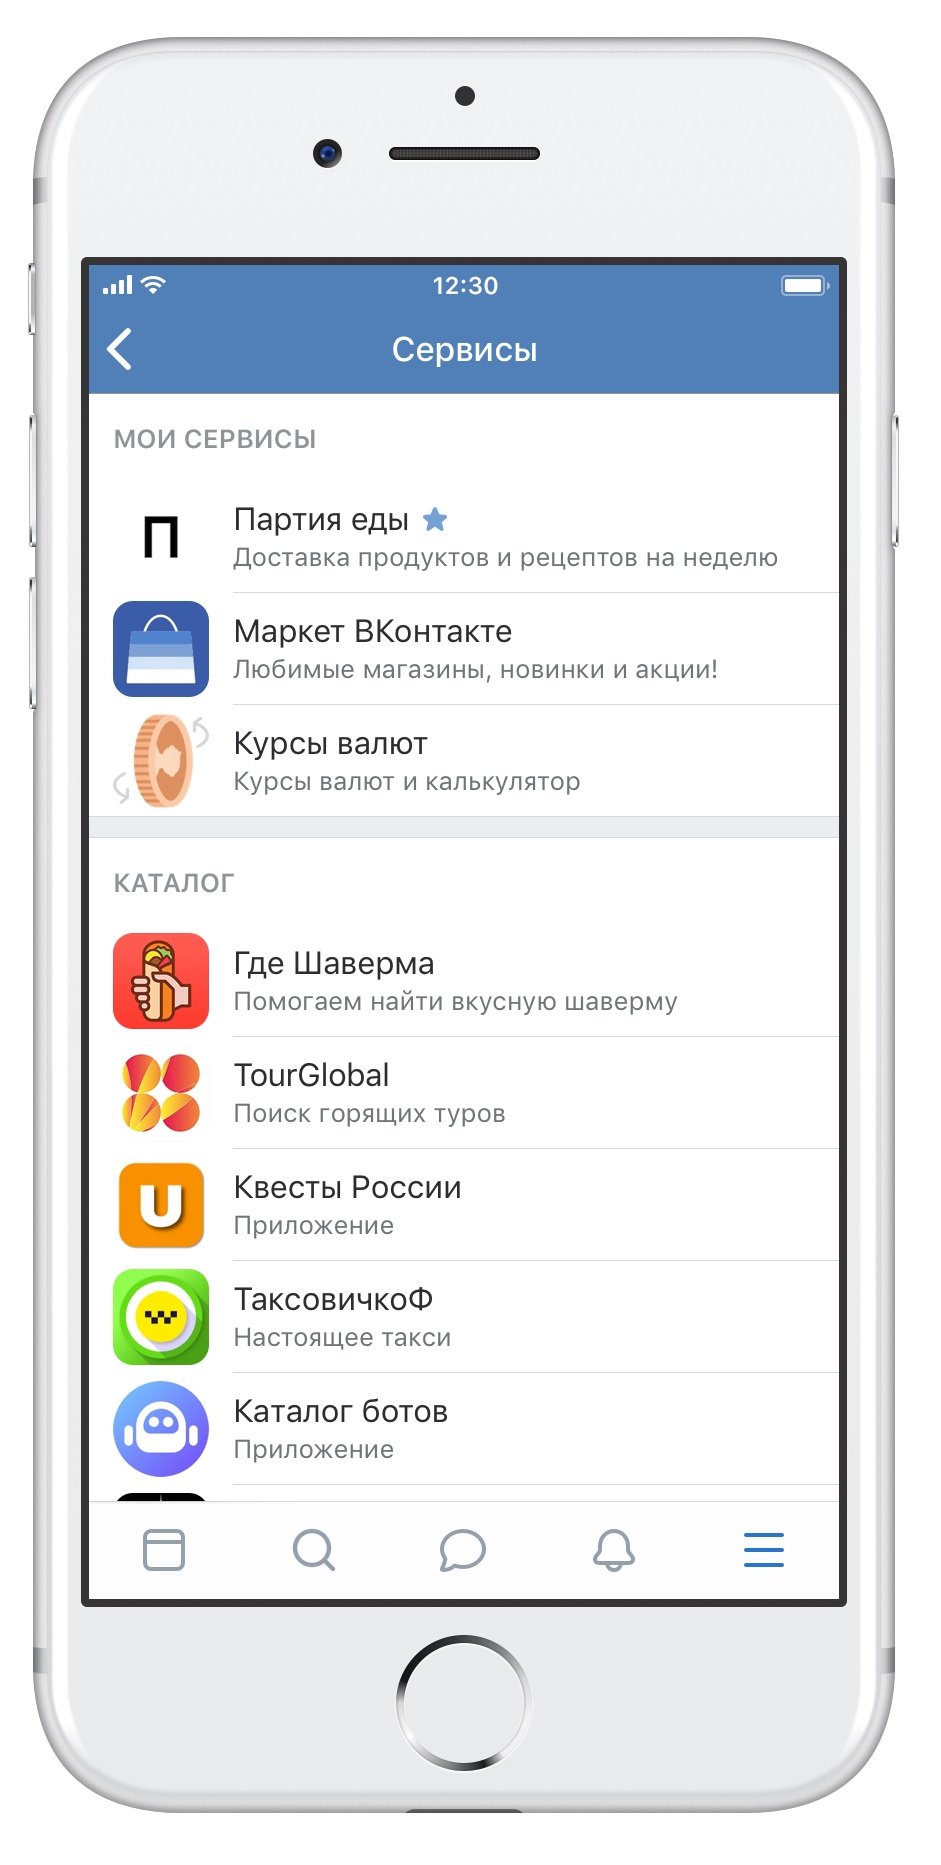 ВКонтакте сервисы для быстрого заказа еды